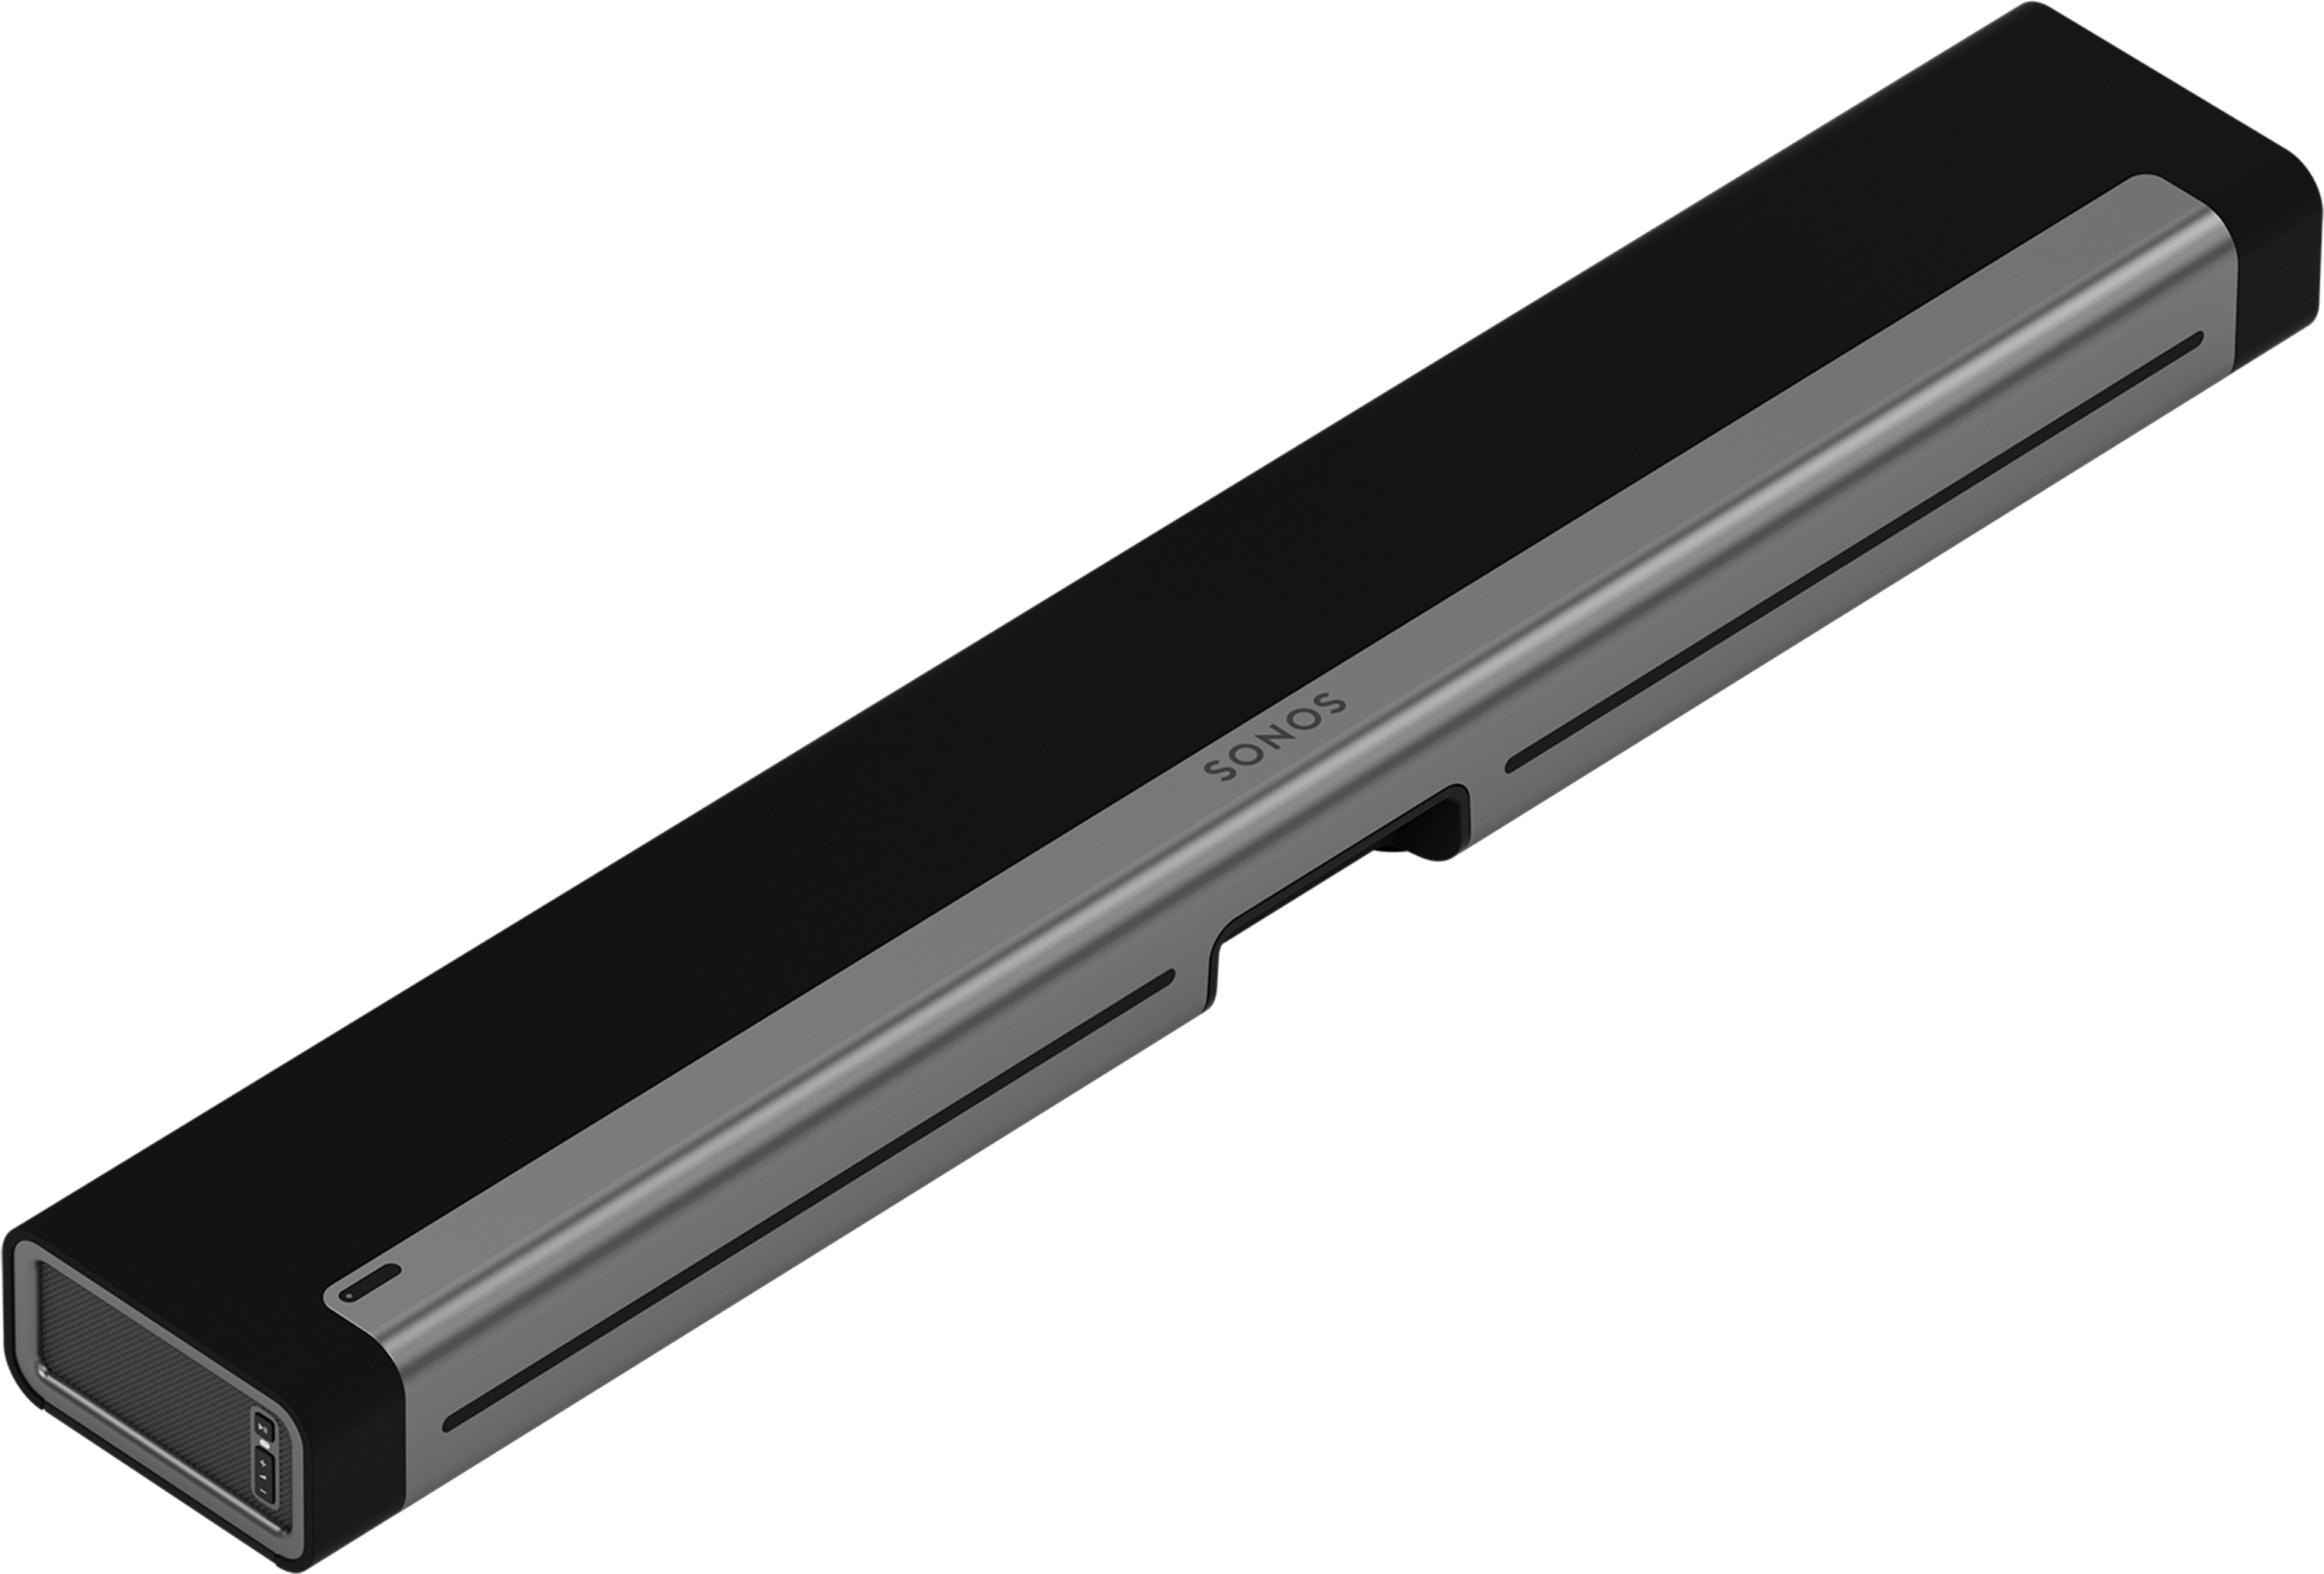 Playbar voorkant hoek